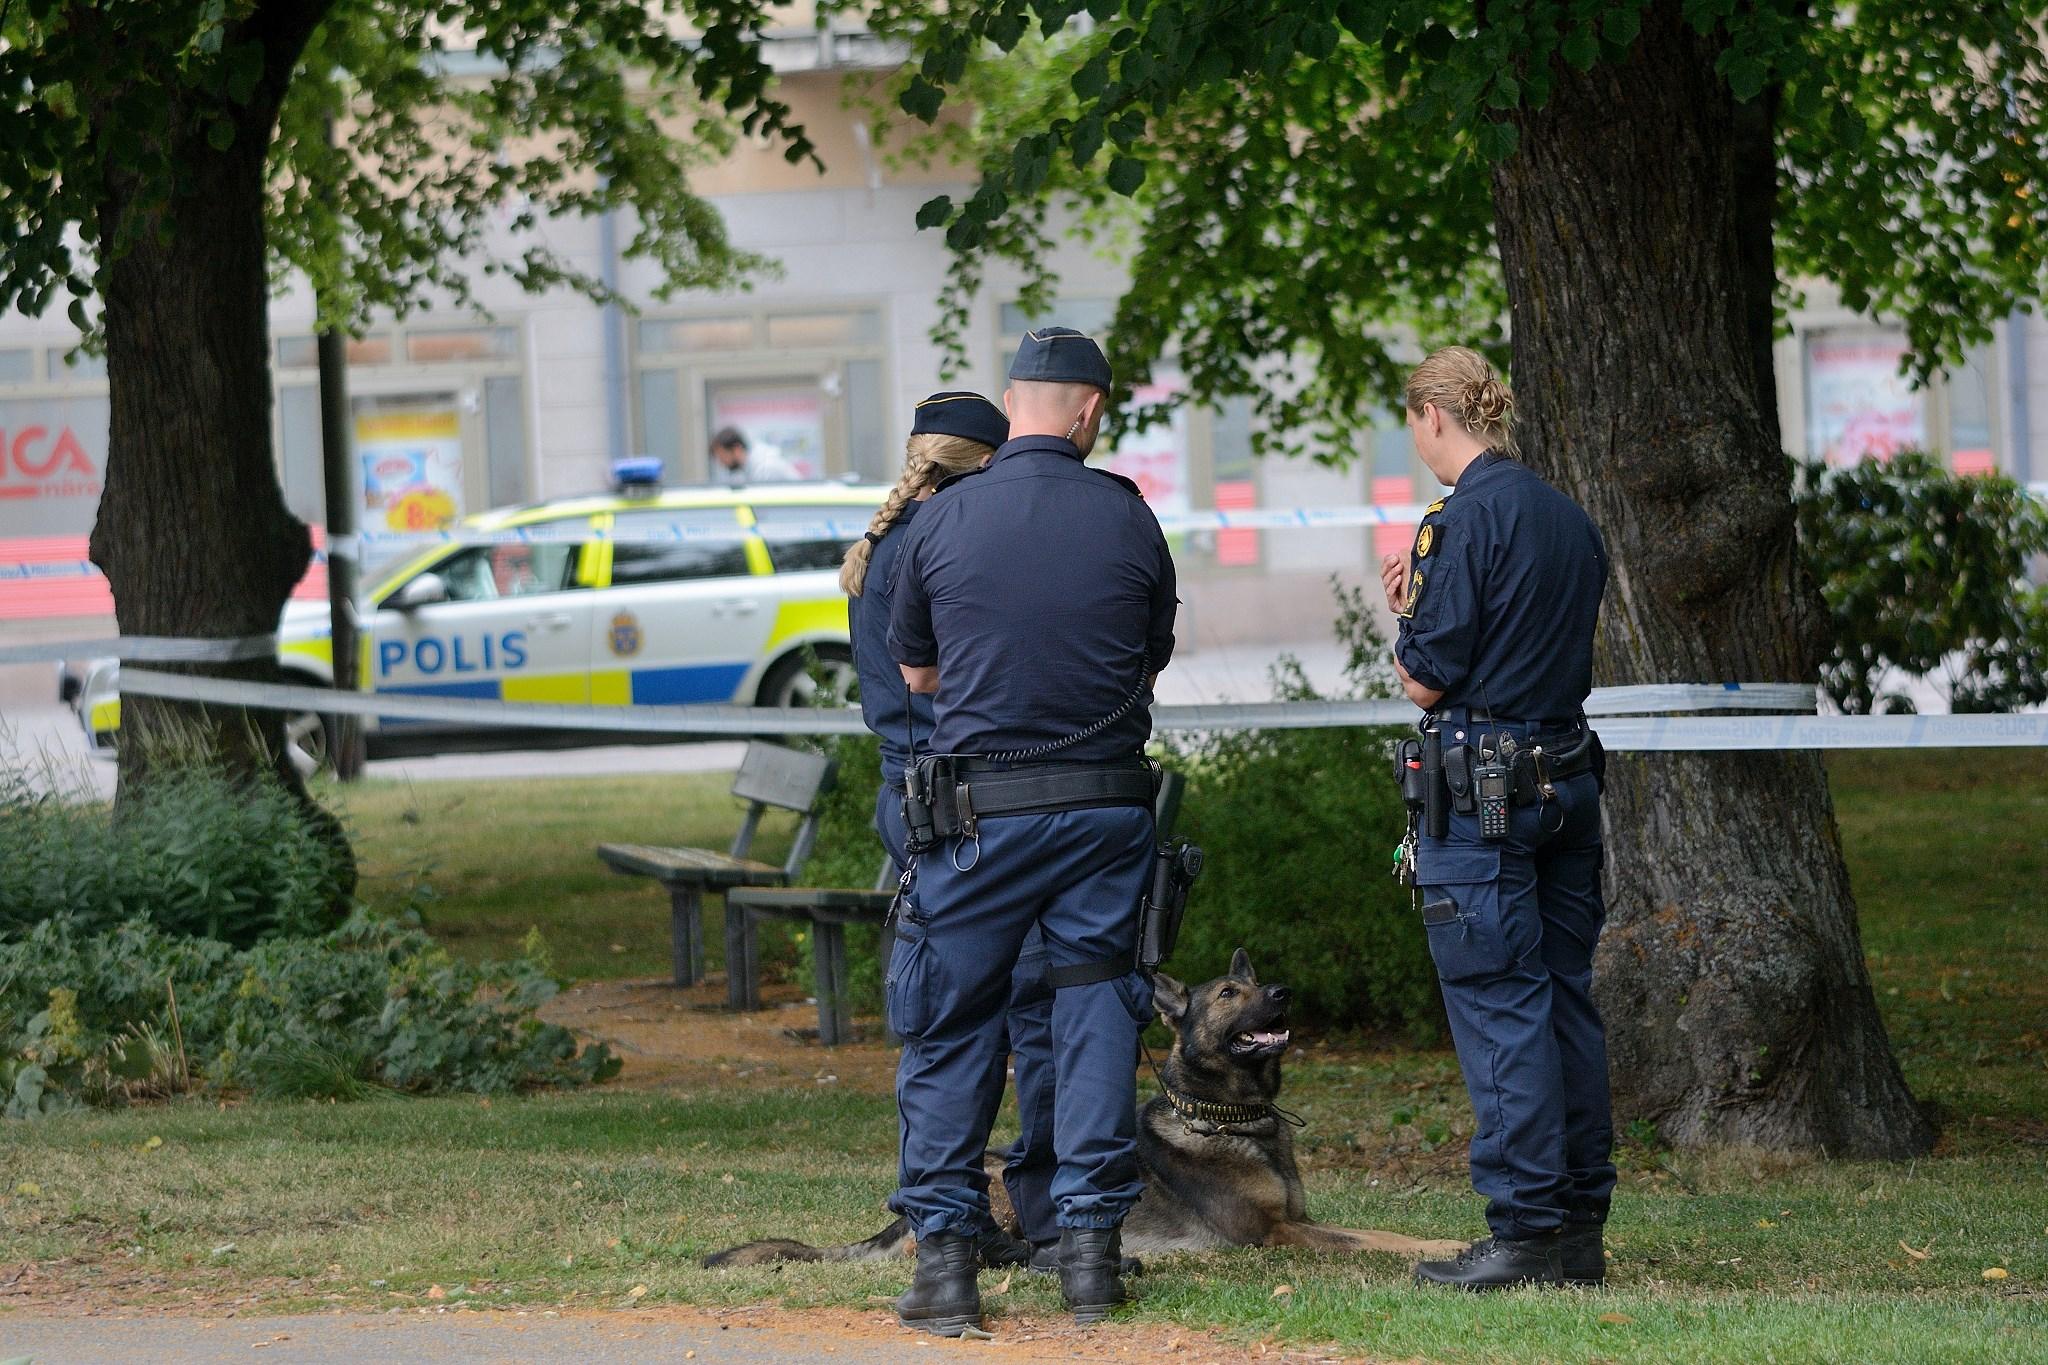 Nioåring överfallen i Oskarsparken